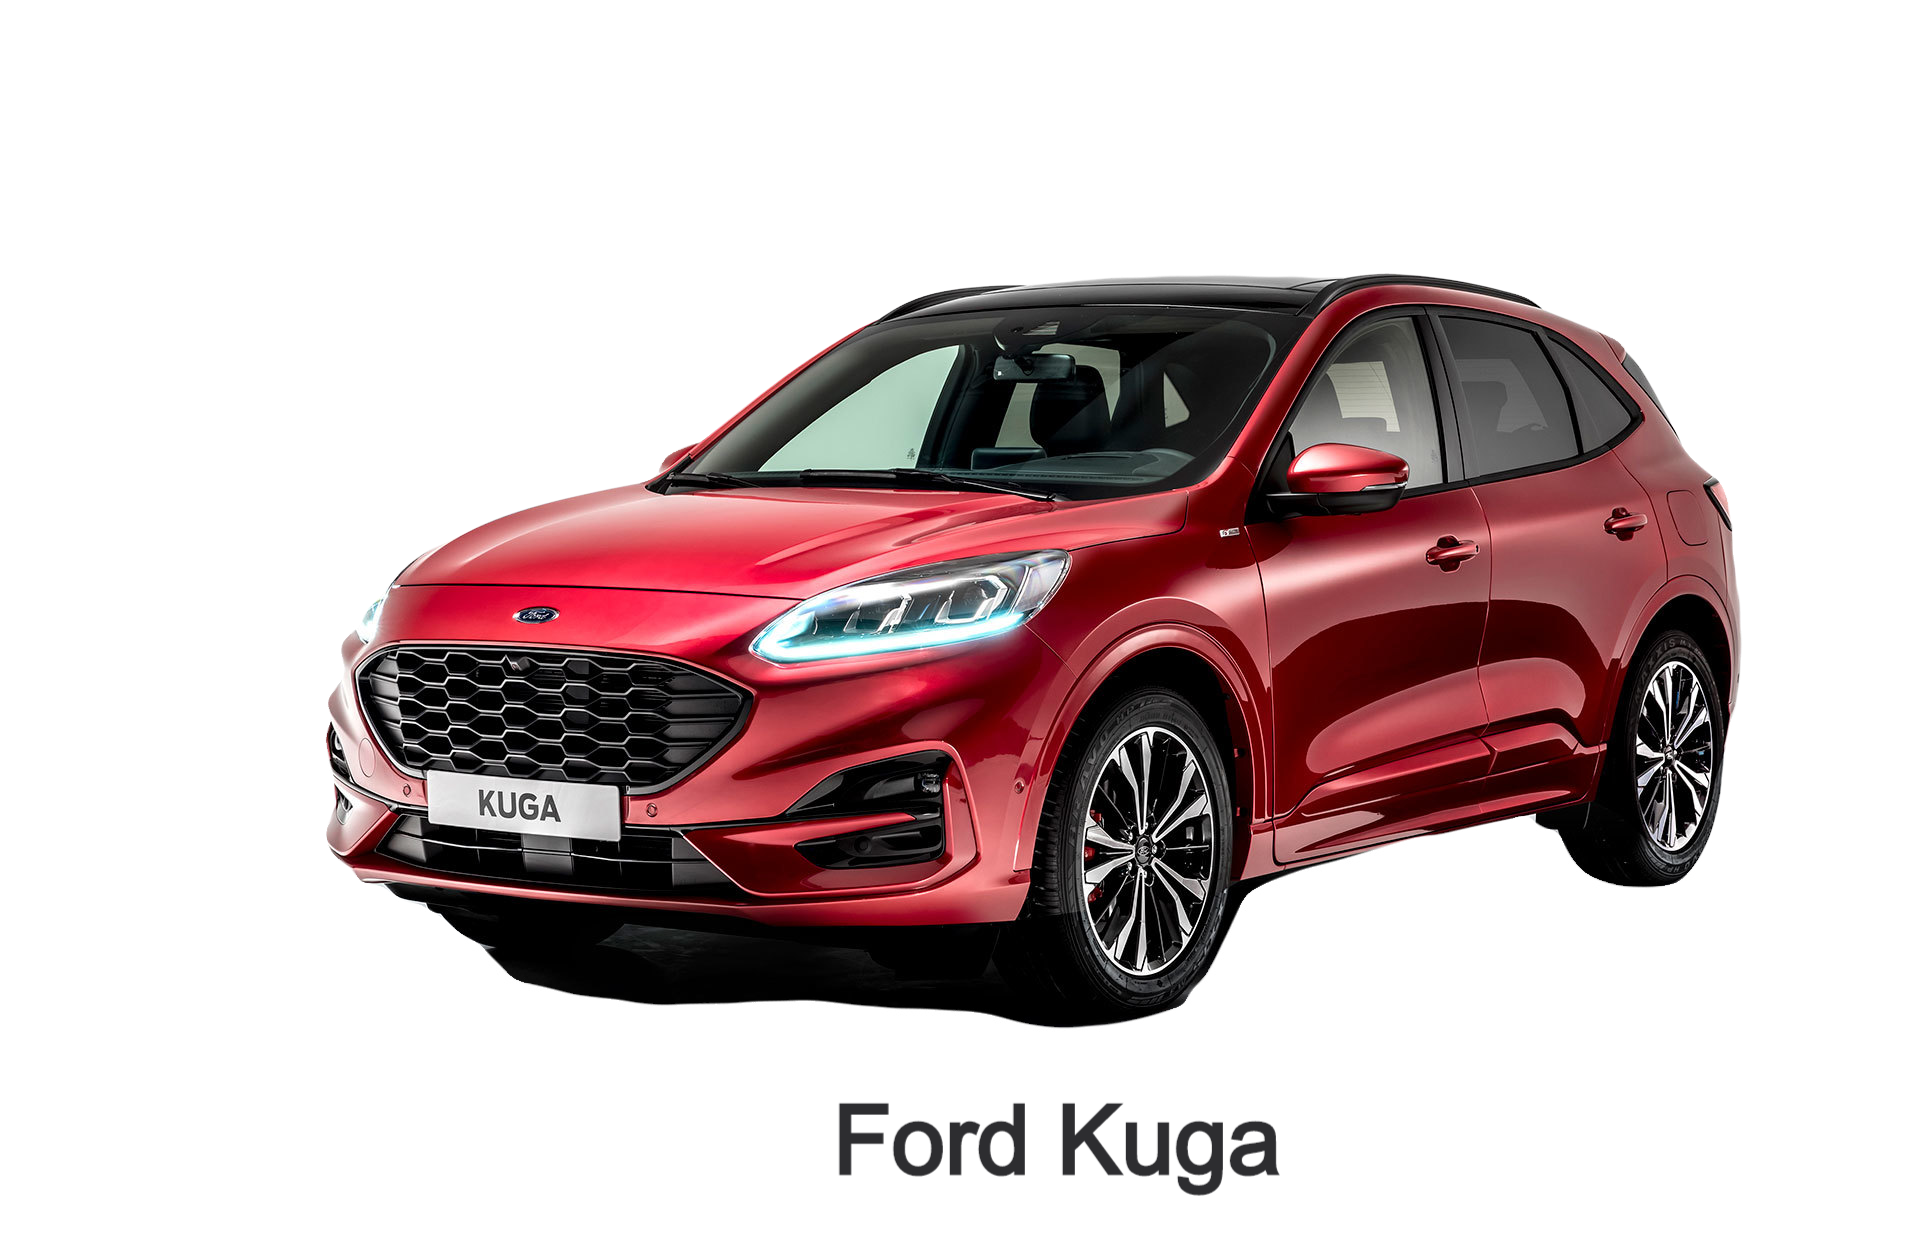 ford-kuga-2019-rojo-exterior-01_edited